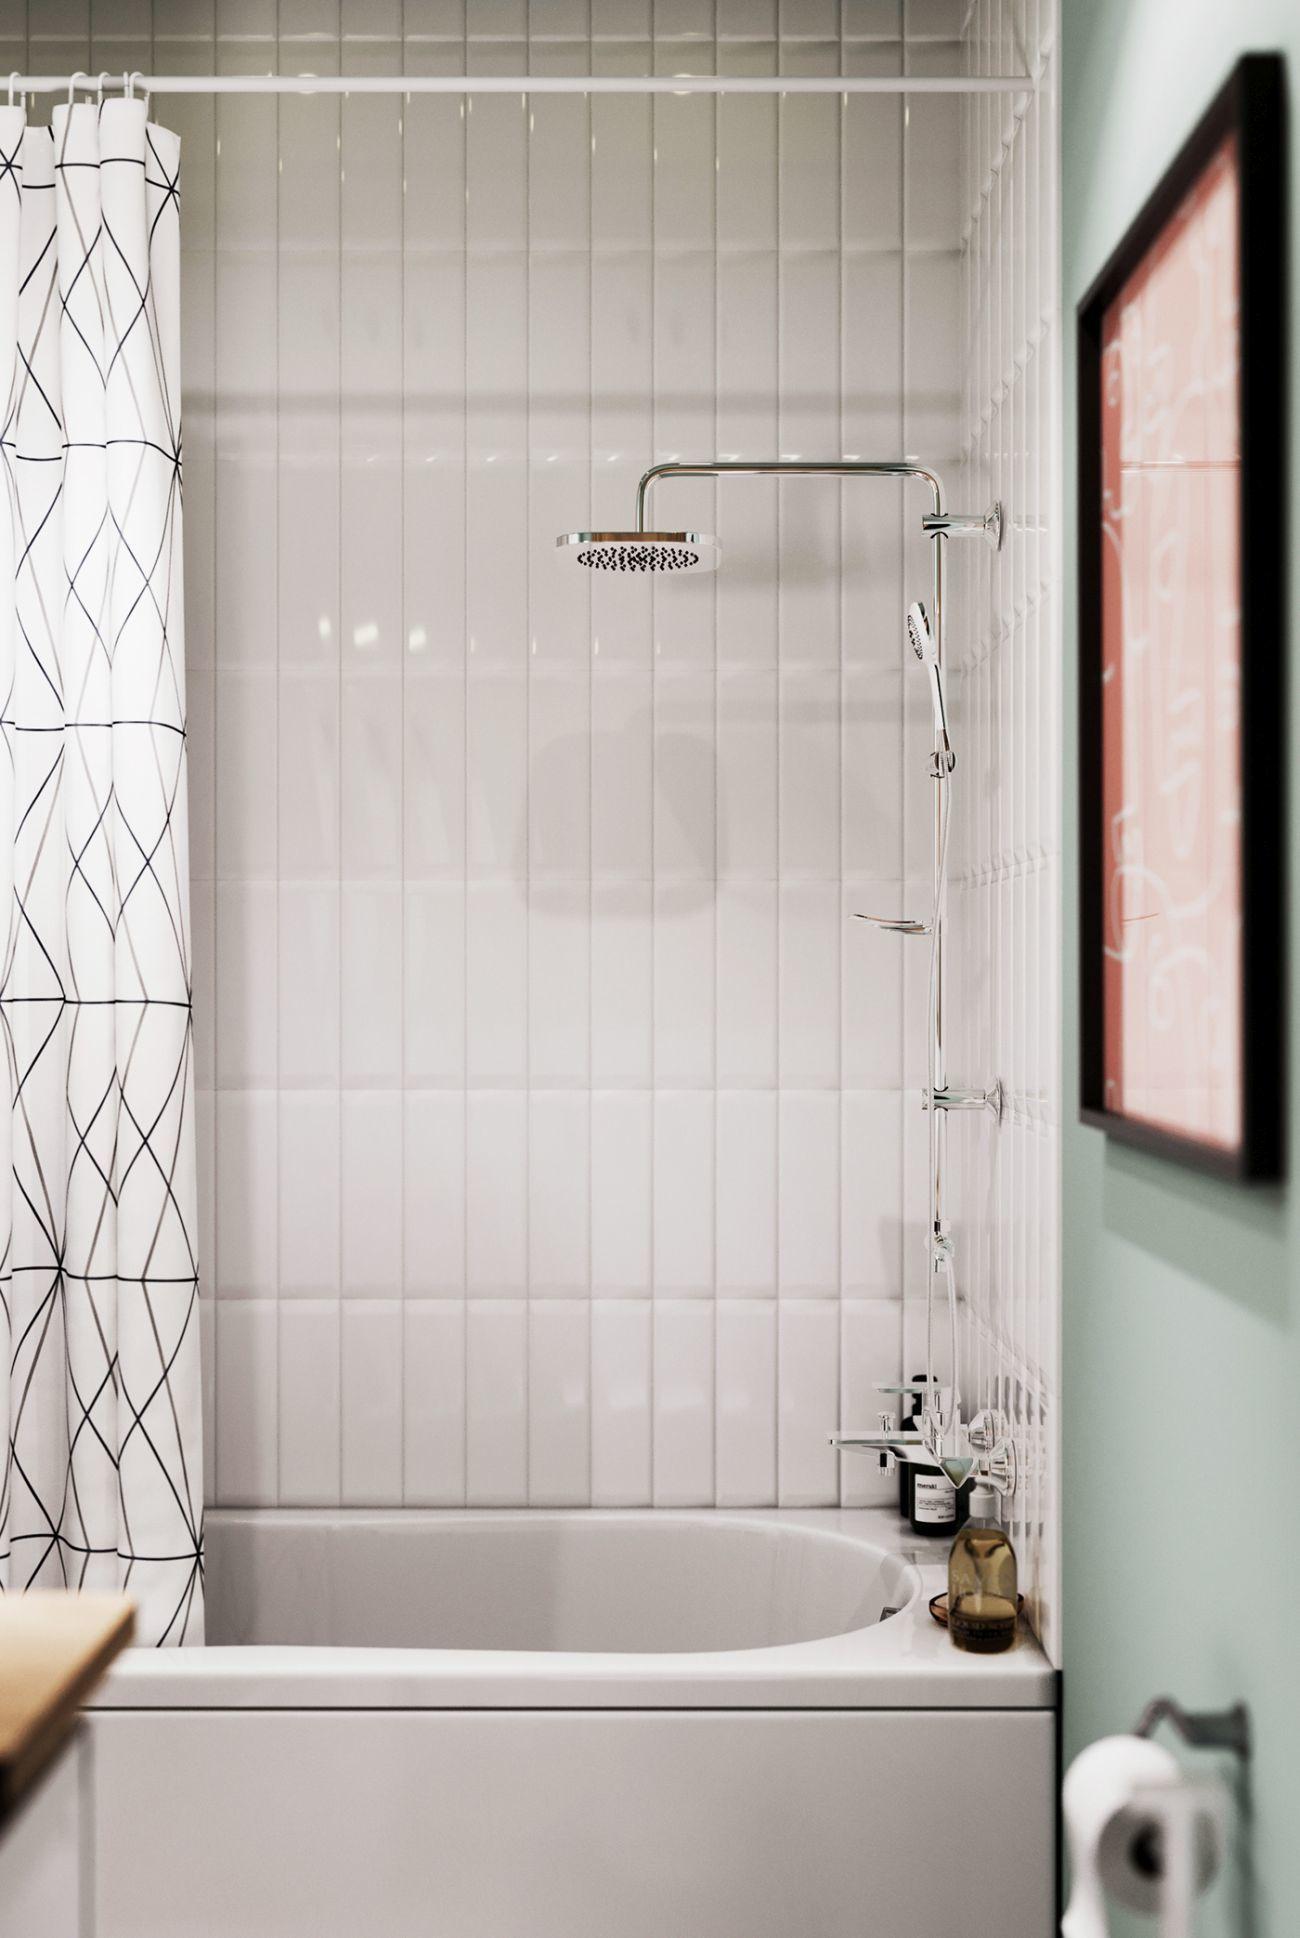 Kádparaván helyett egy mintás zuhanyfüggöny fogja fel a vízcseppeket